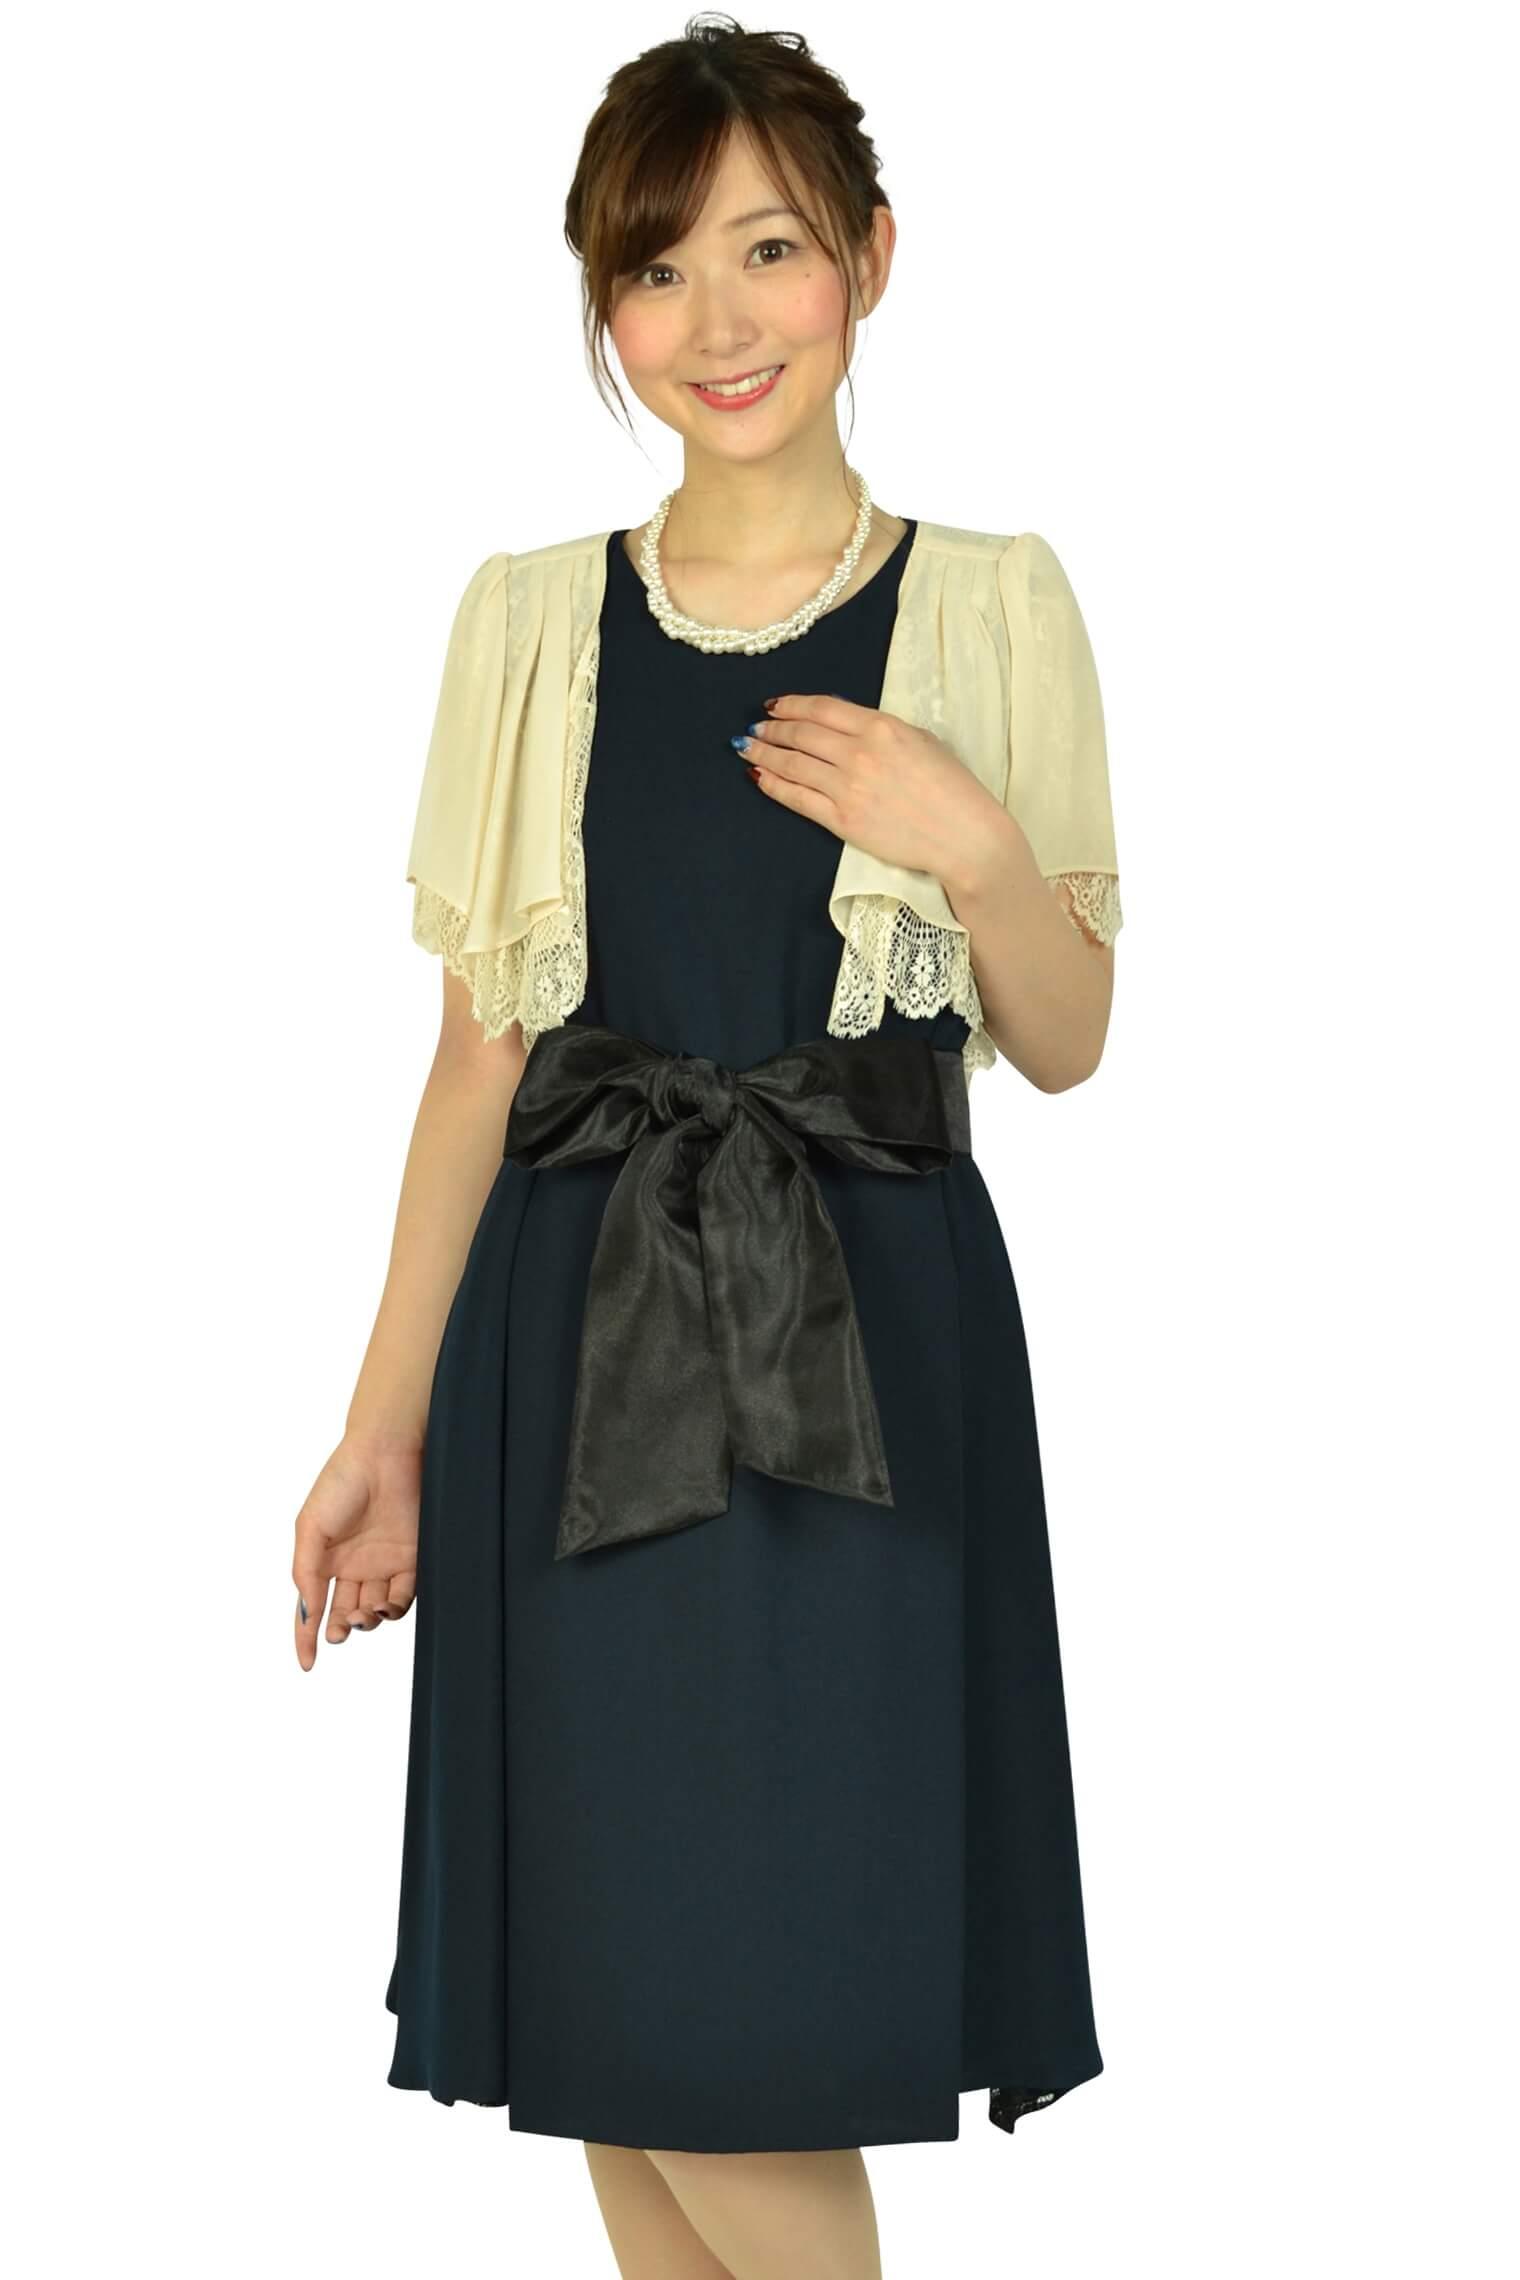 ビヲミナ(VIWOMINA)【授乳OK】ゆったりサイドレースネイビードレスセット